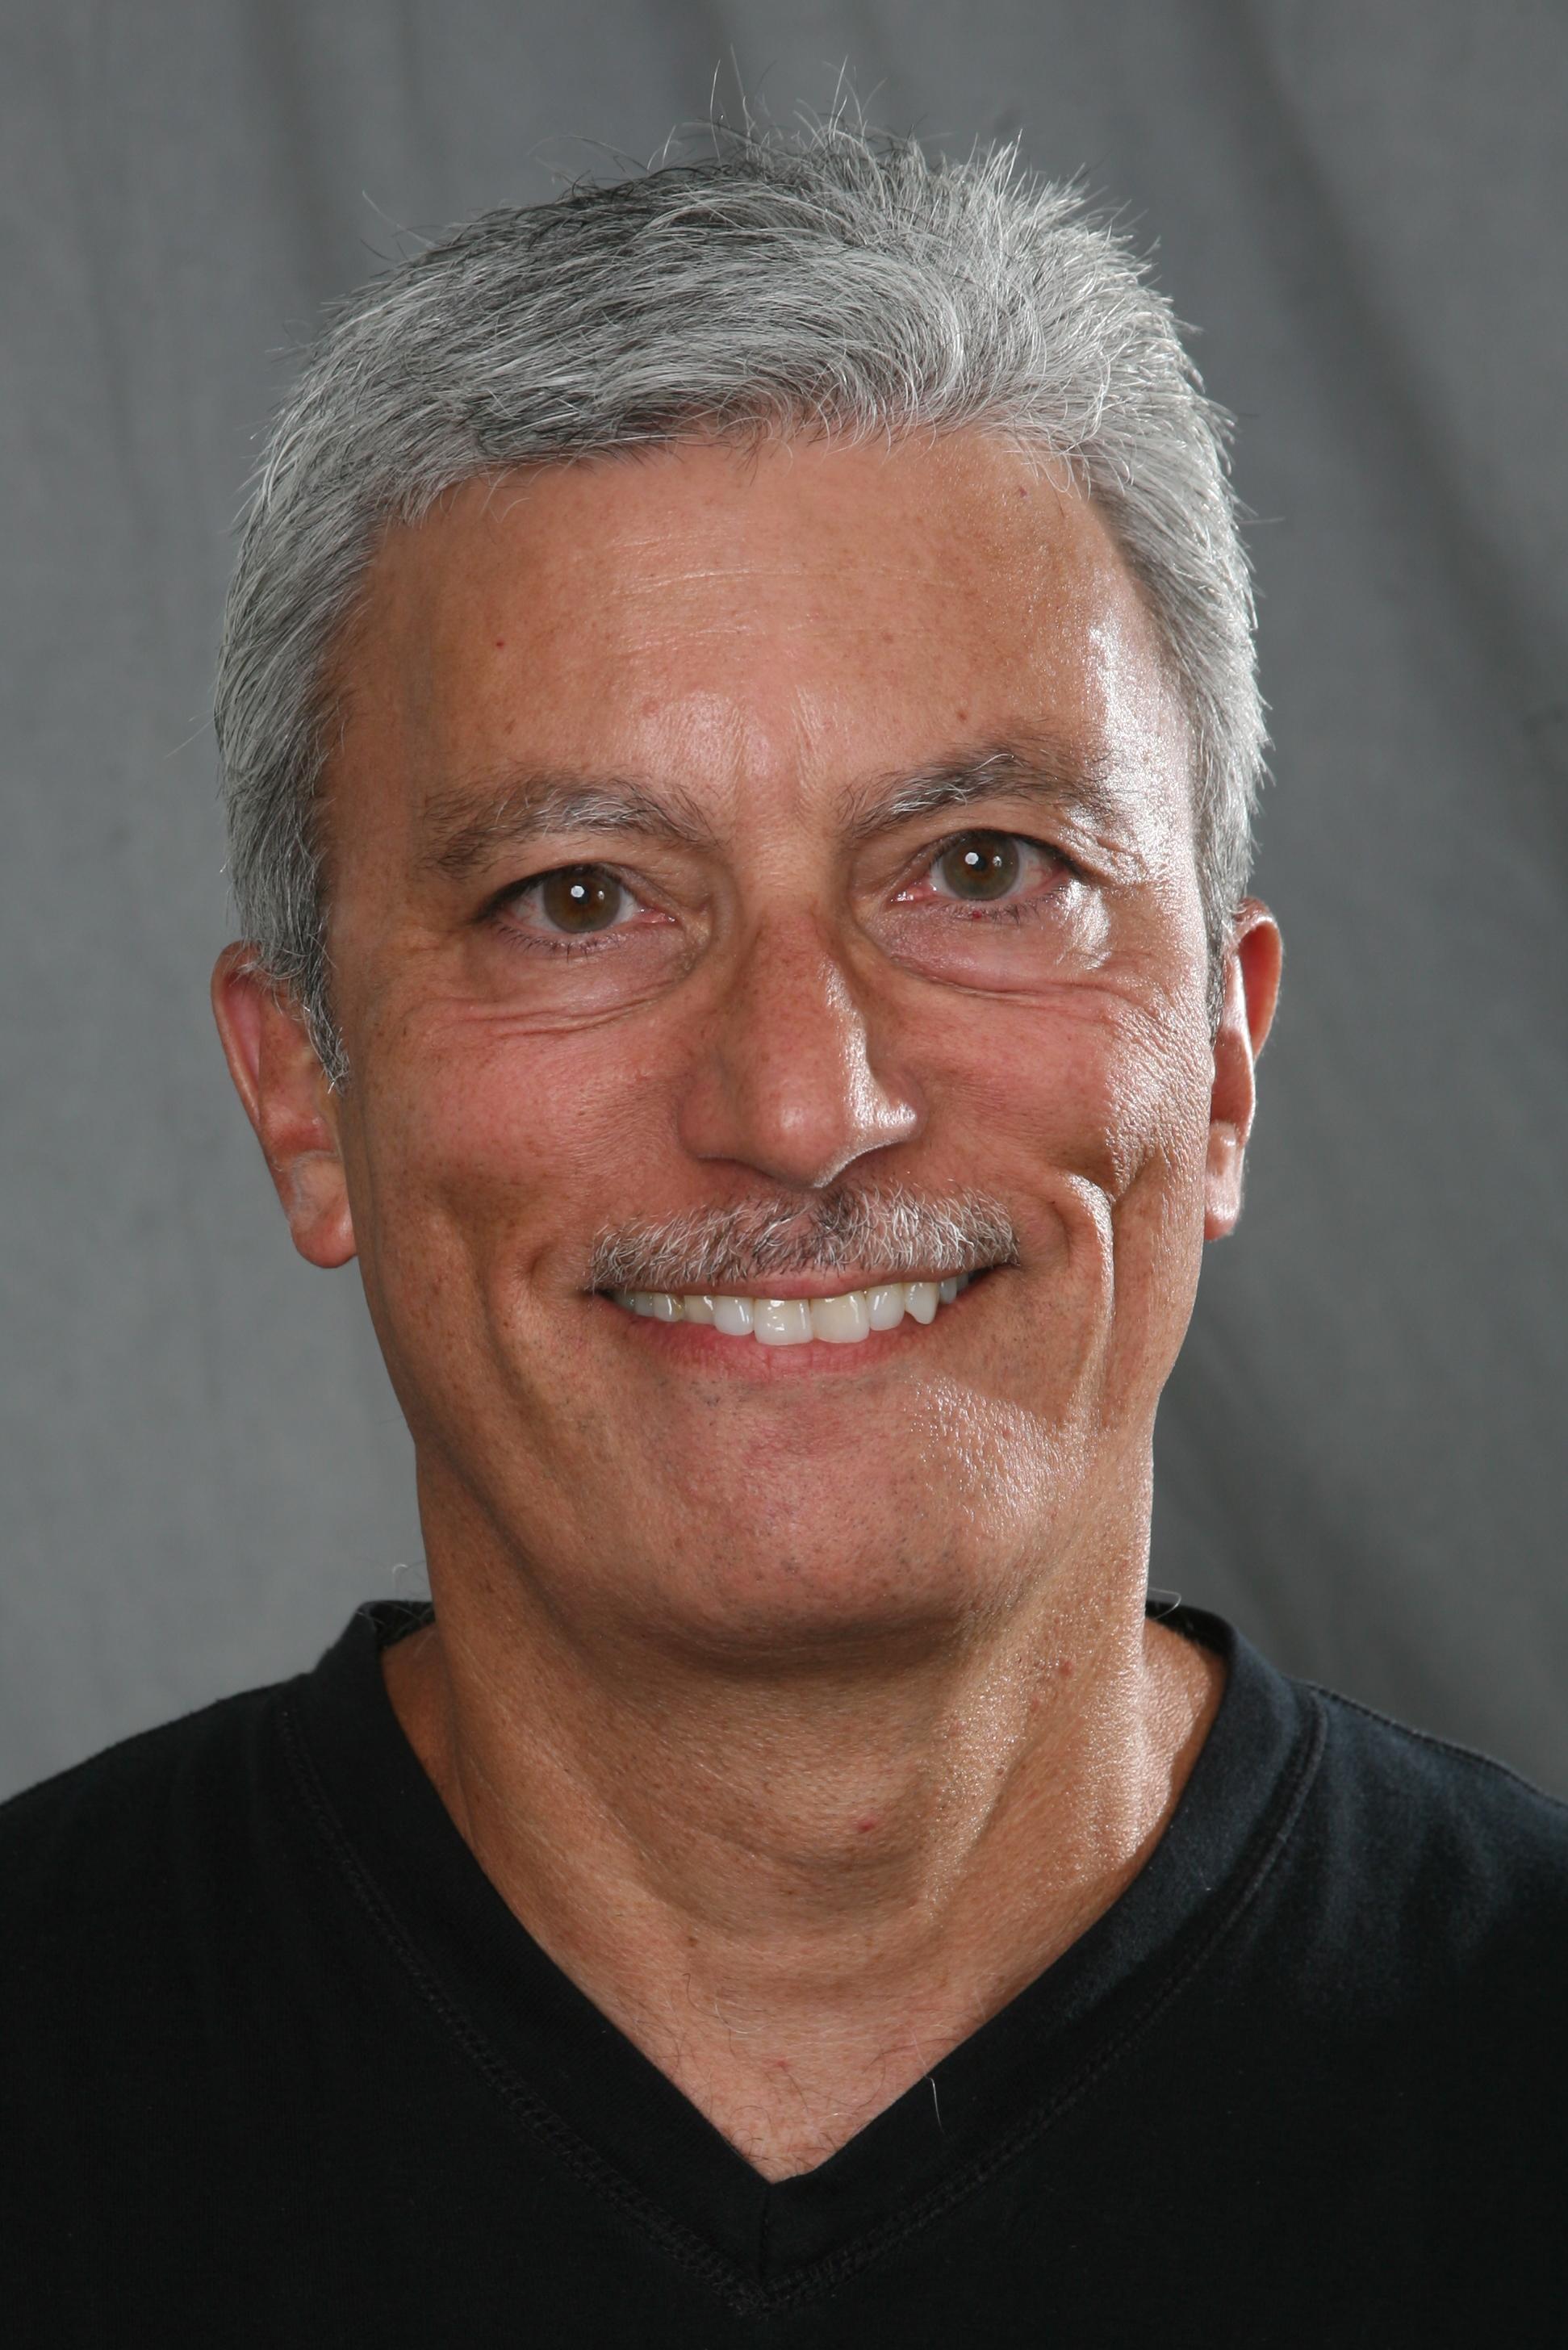 David M. Landay